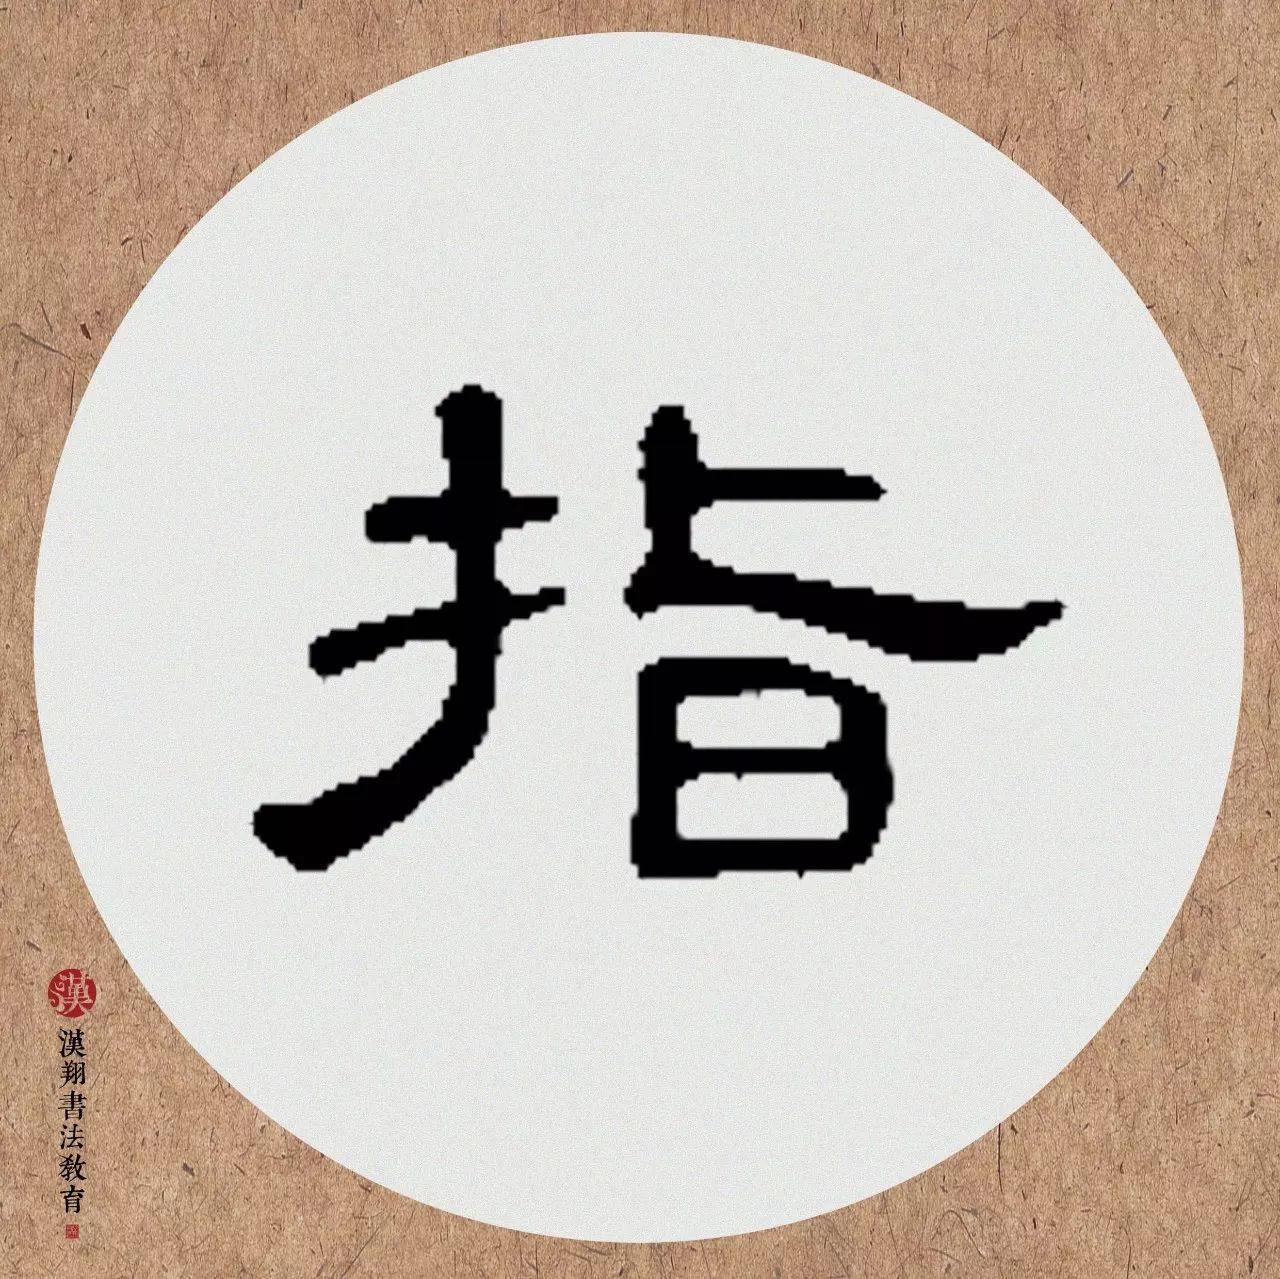 【曹全碑隶书集字】倾白酒,对青山,笑指柴门待月还!图片